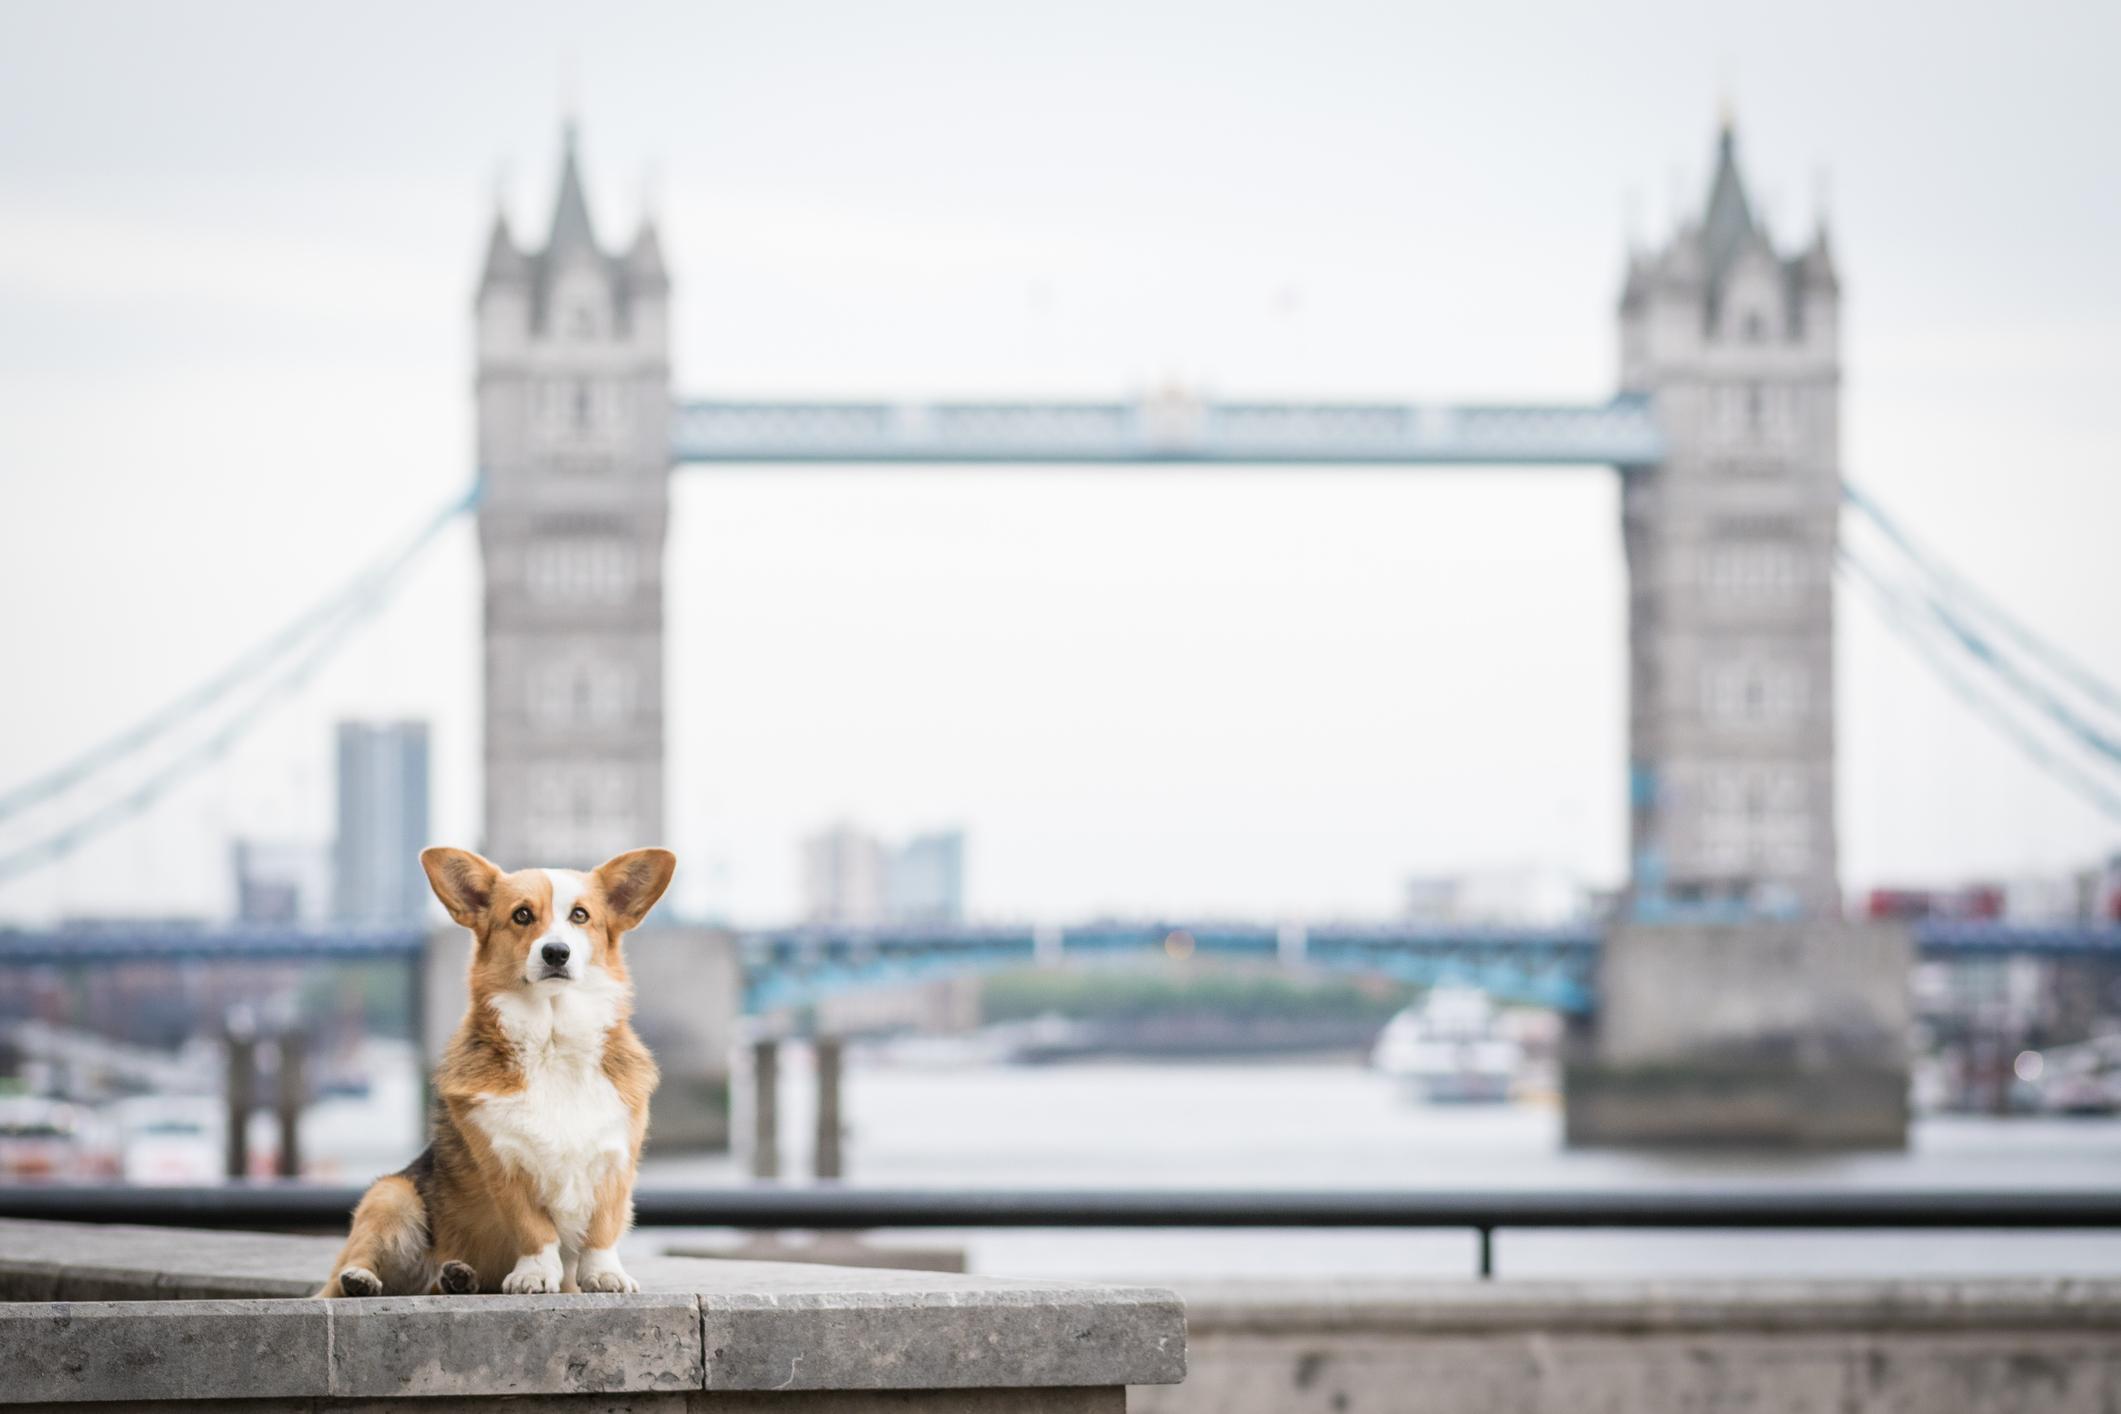 Urlaub mit Hund in London ist schwierig, aber nicht unmöglich